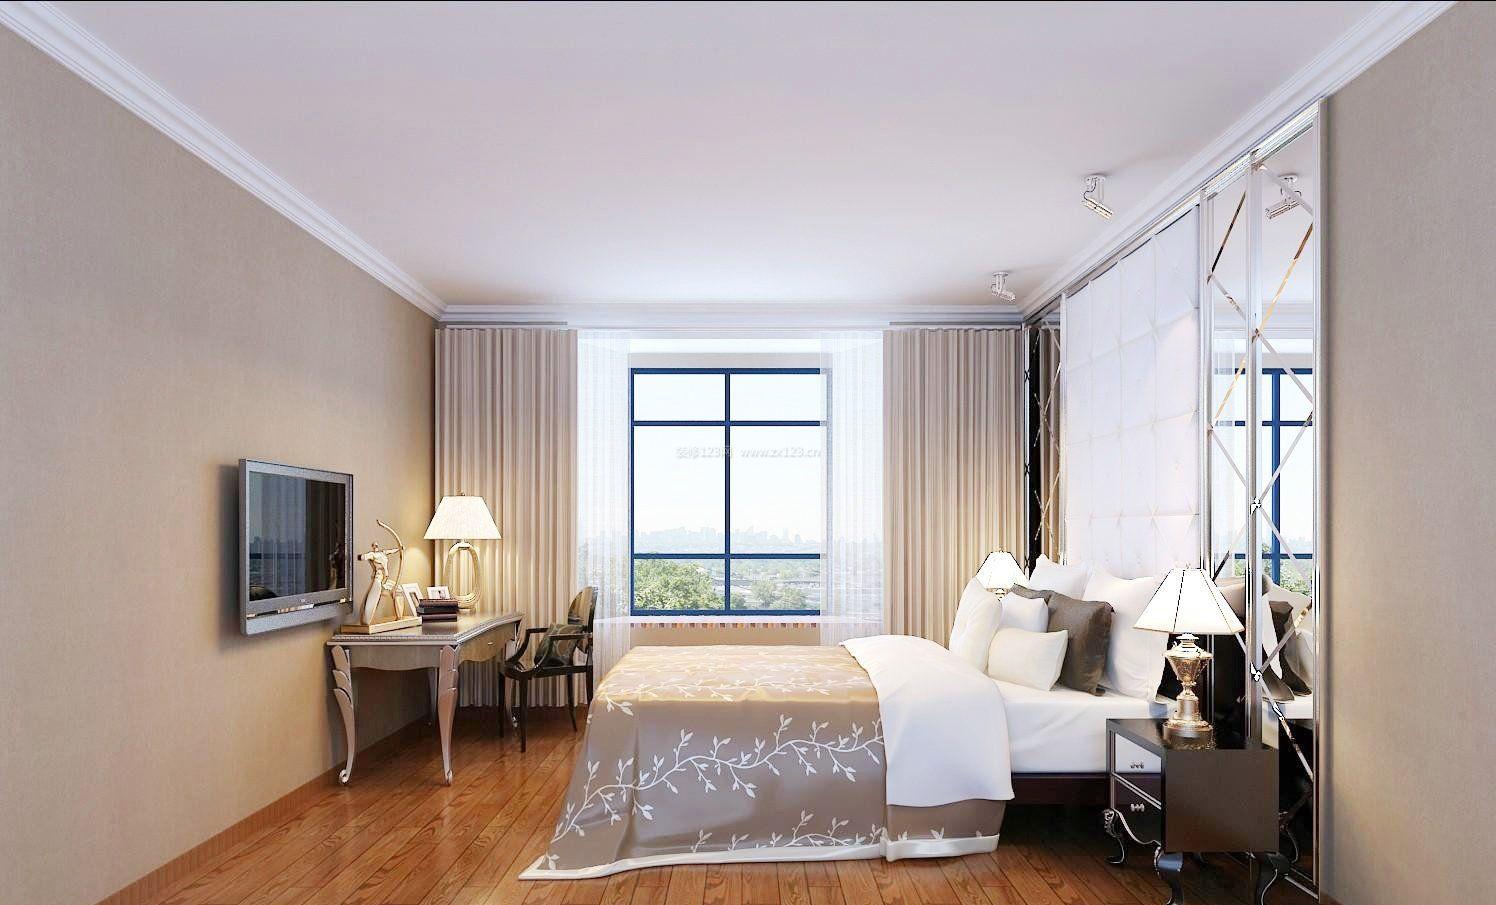 现代简约风格男士房间装修装饰效果图